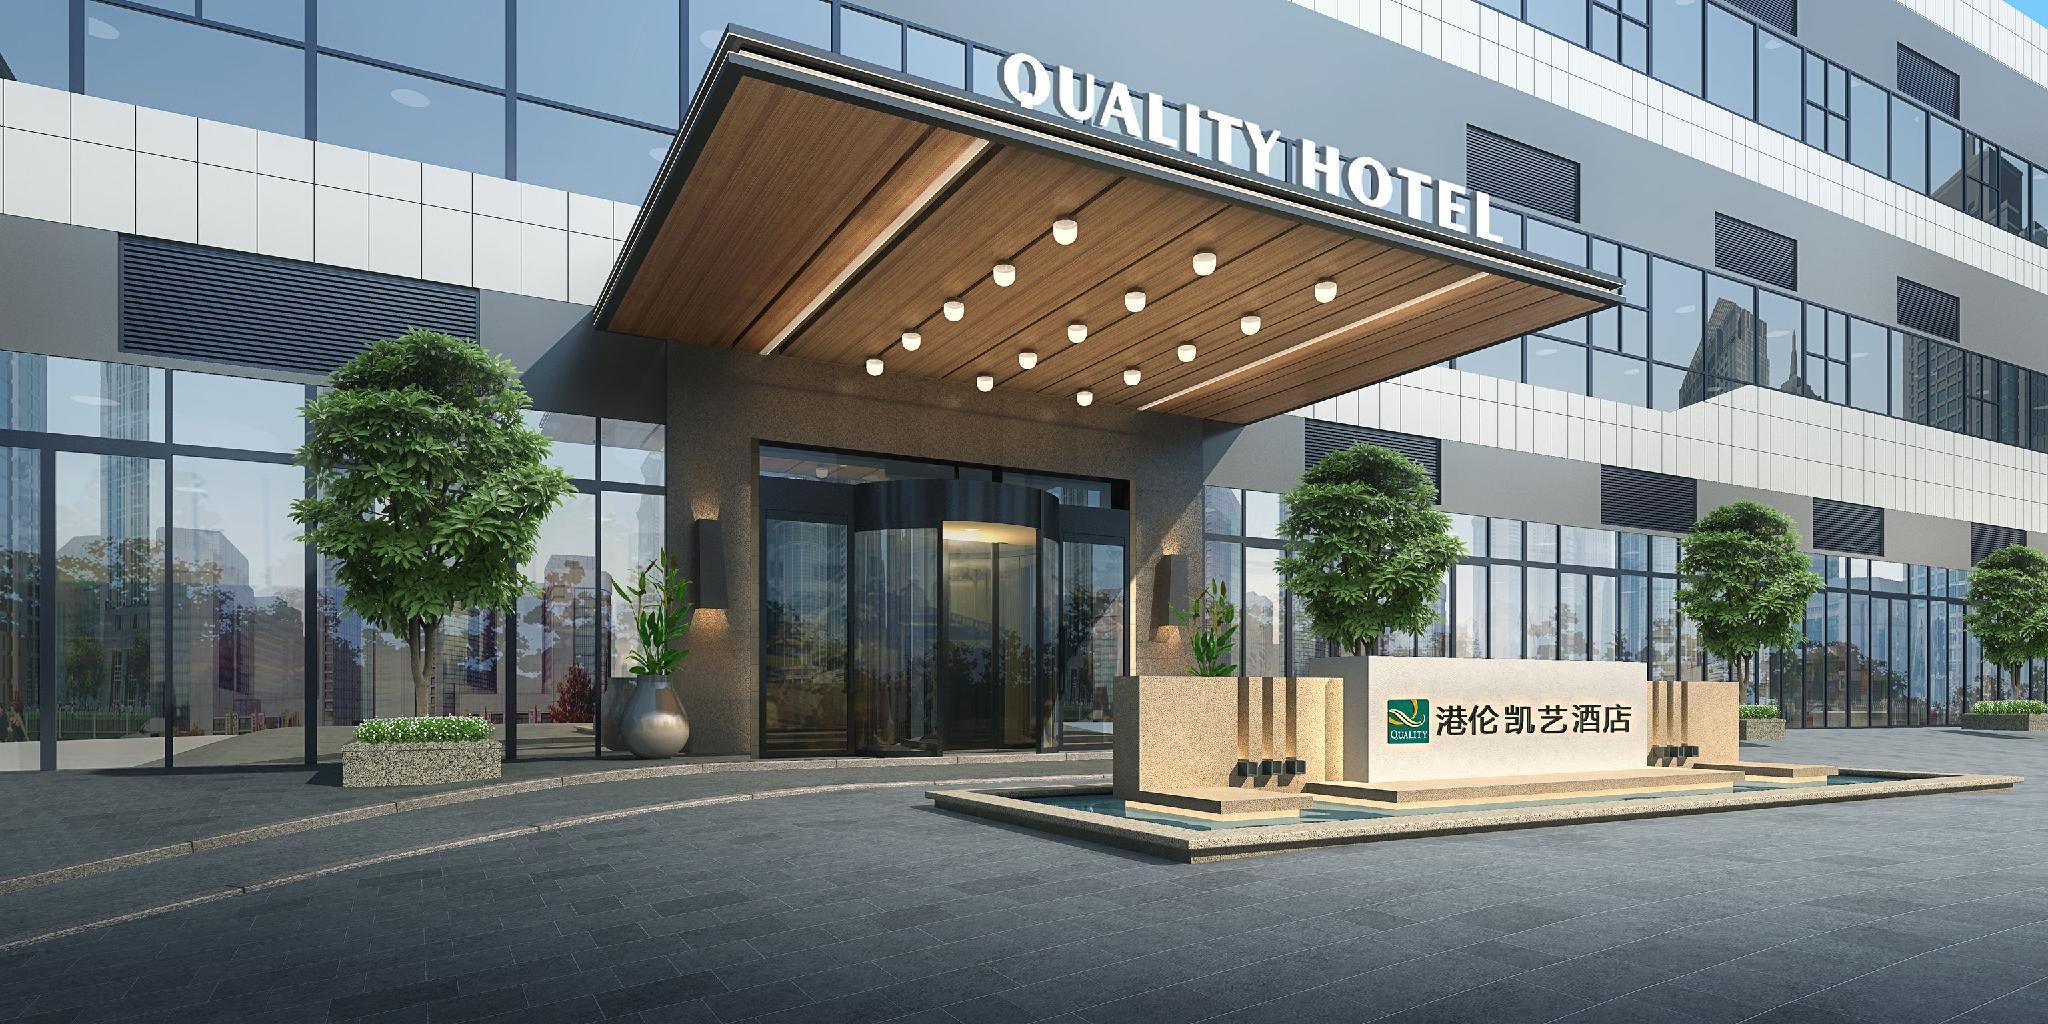 Quality Hotel Gailwey